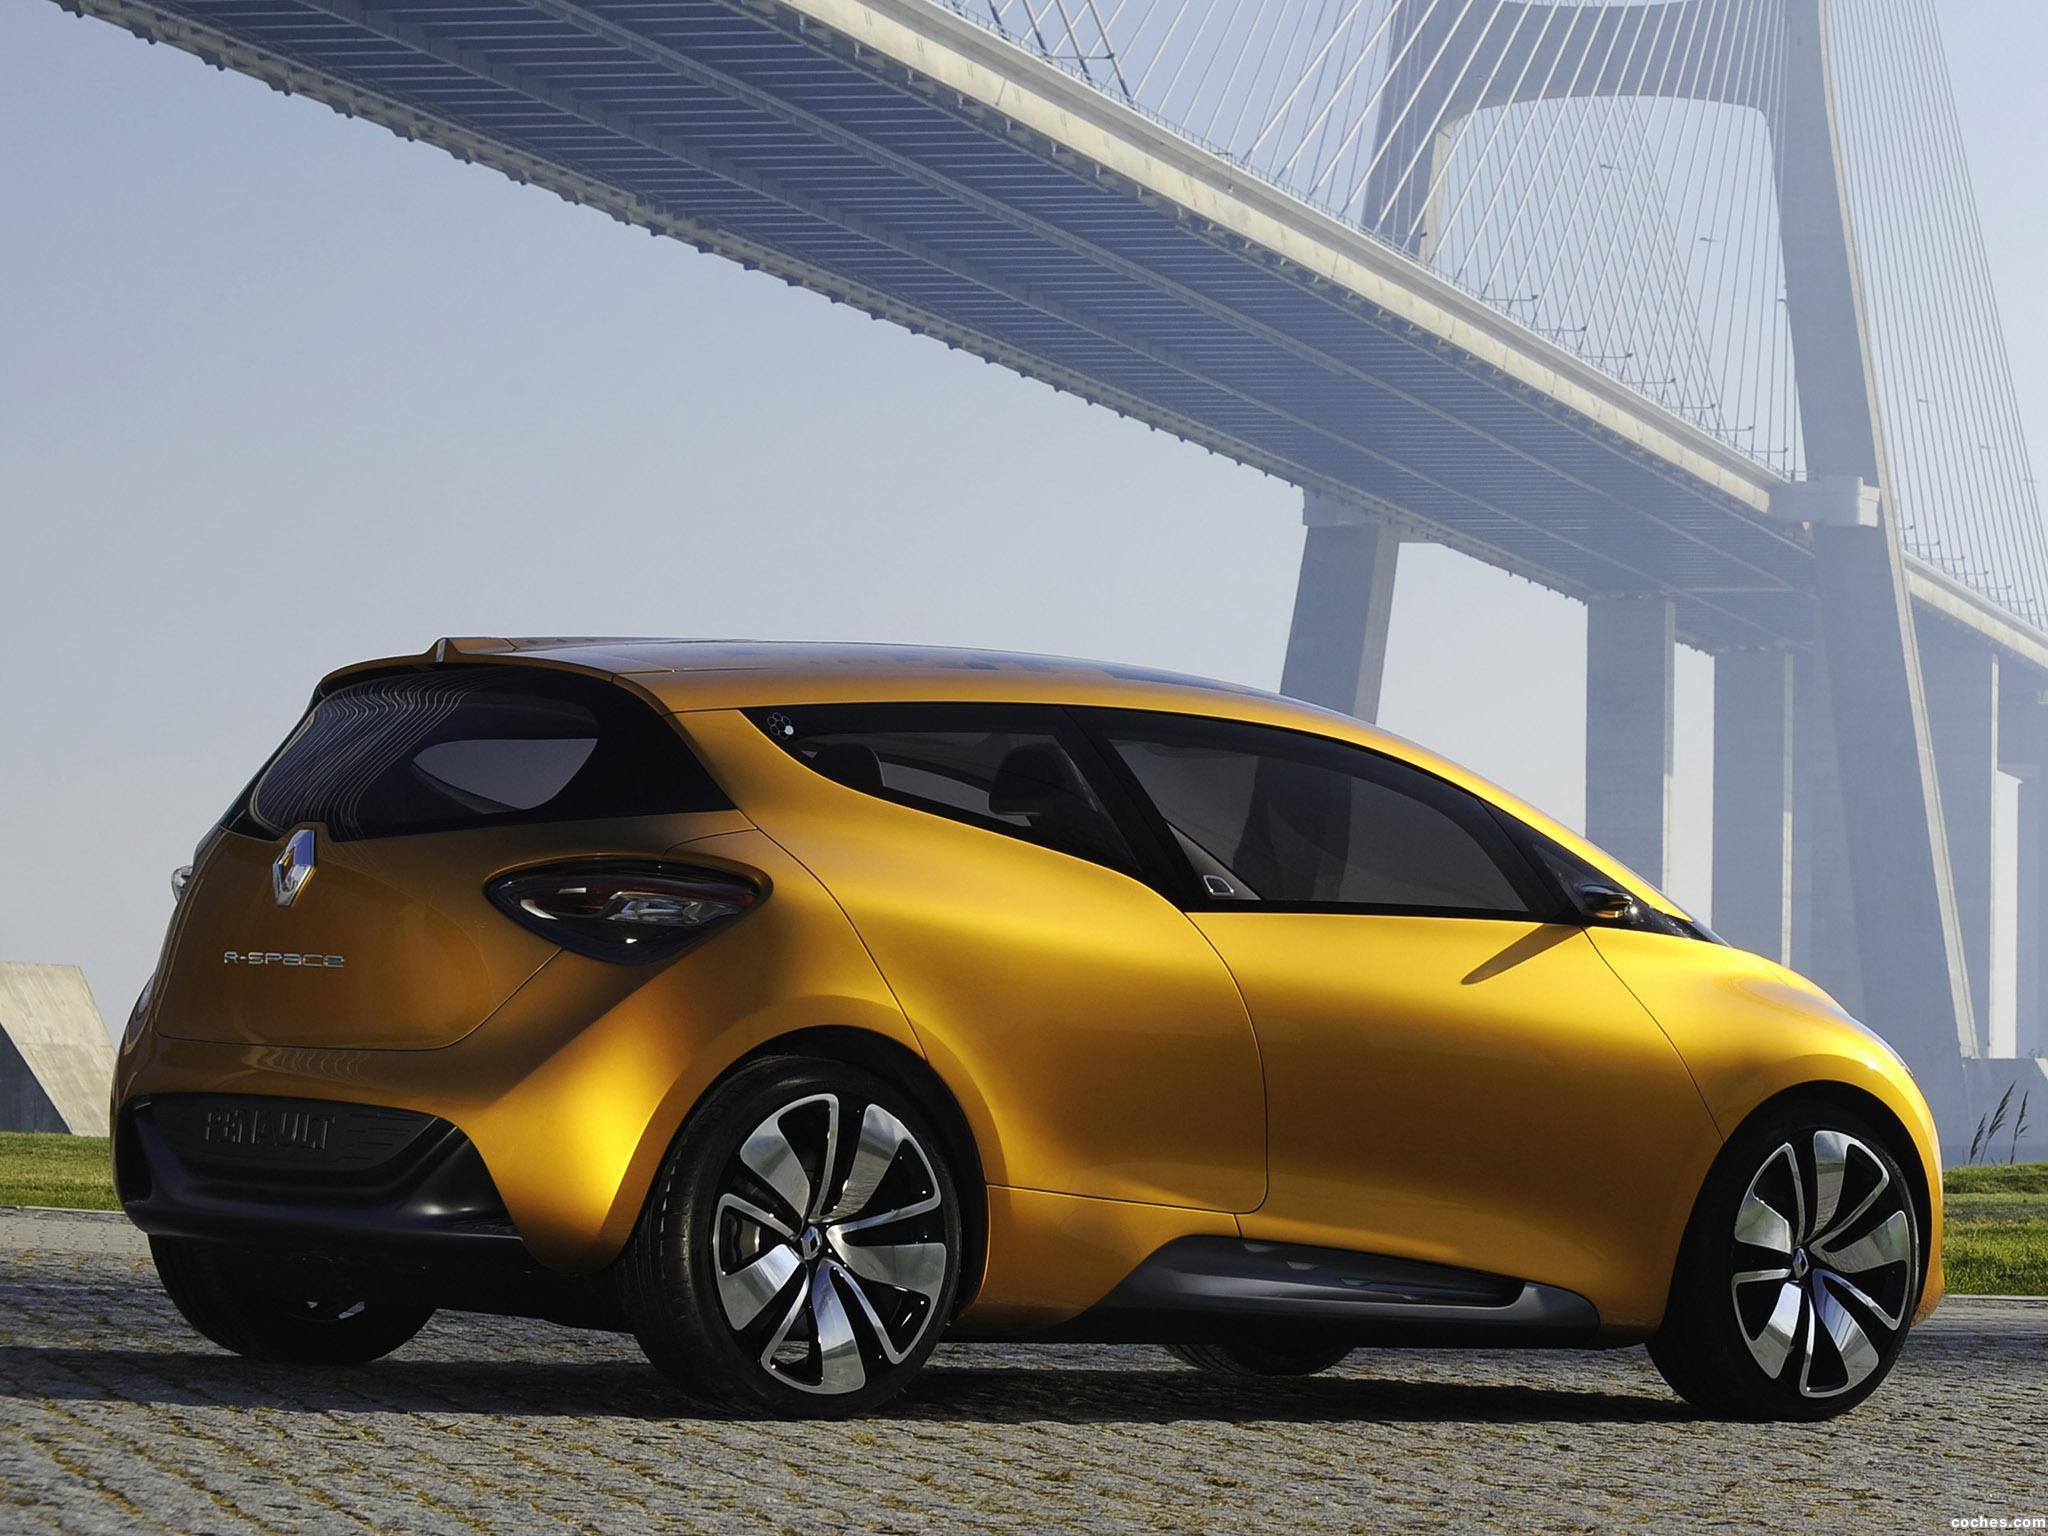 Foto 1 de Renault R-Space Concept 2011